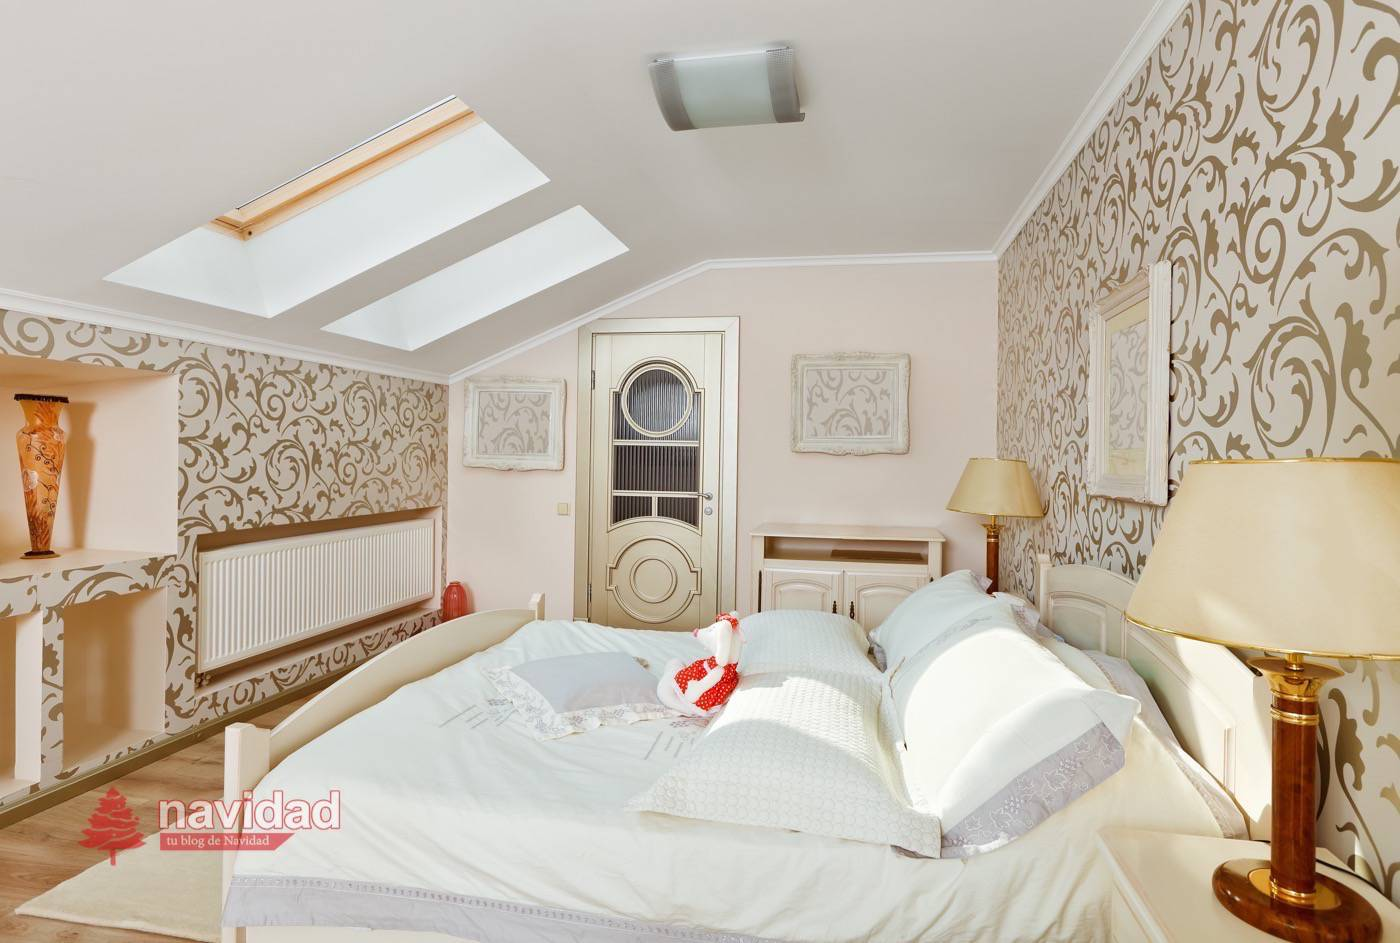 dormitorio moderno y con estilo de decoración claro